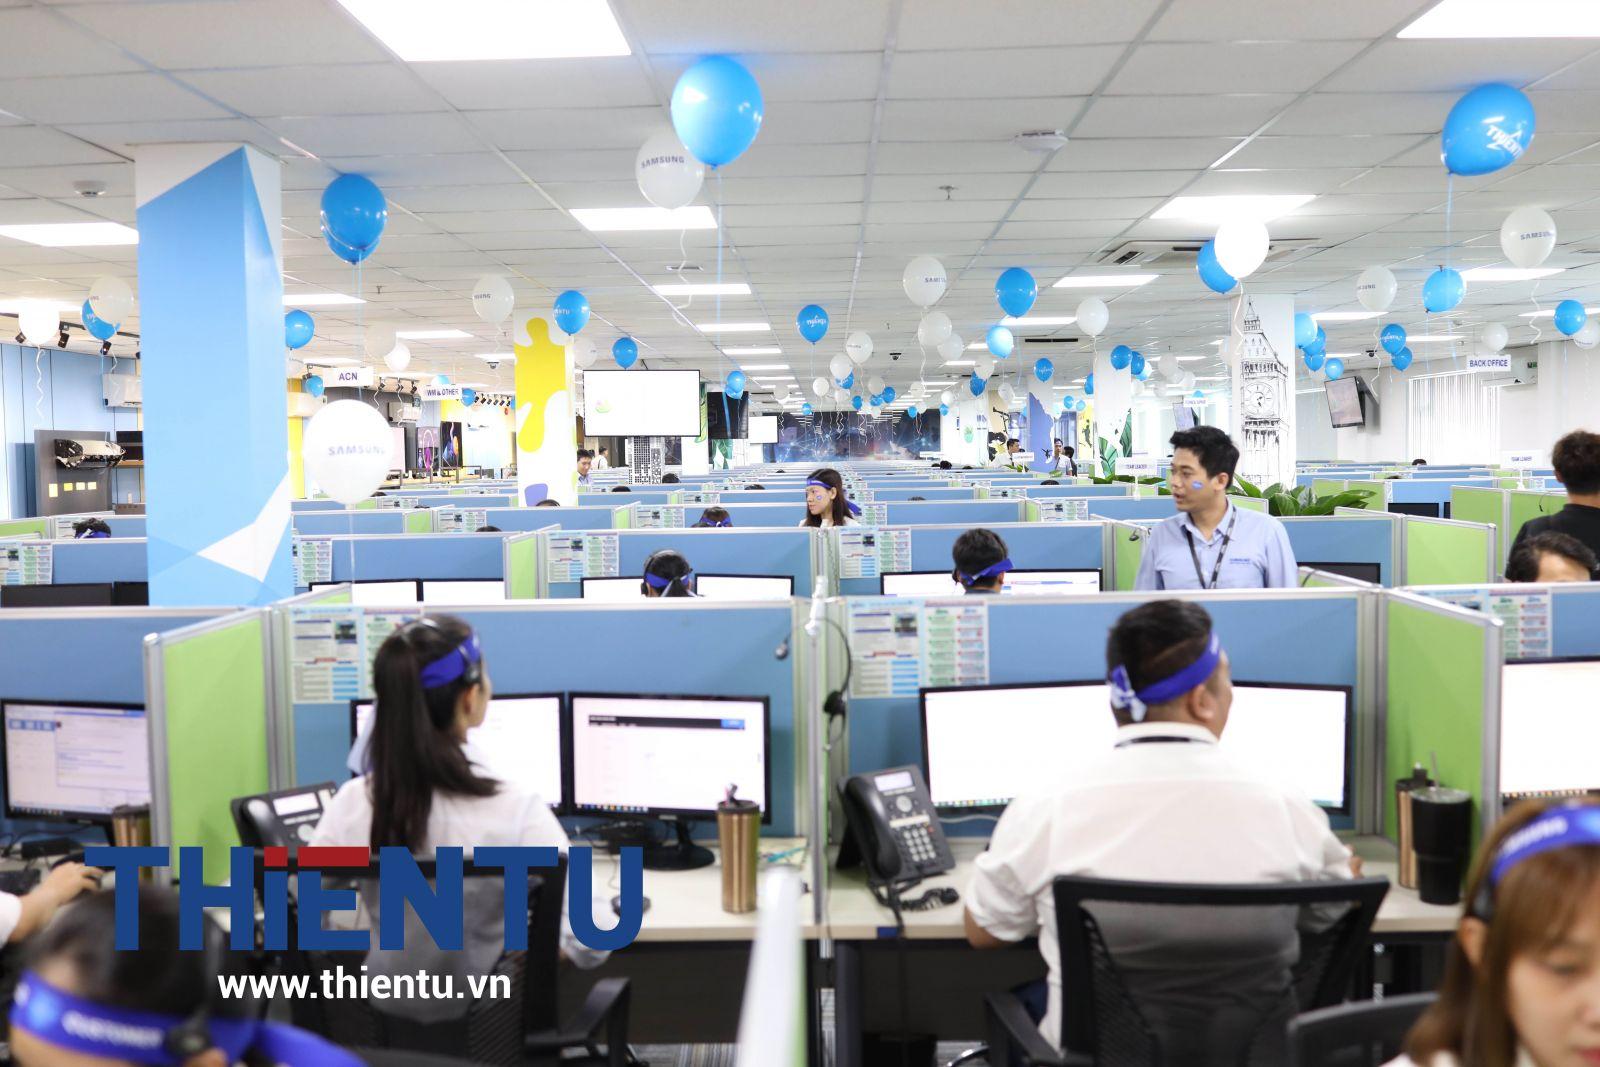 Hình ảnh đại diện cho một contact center trong số nhiều nhiều dự án contact center CSKH